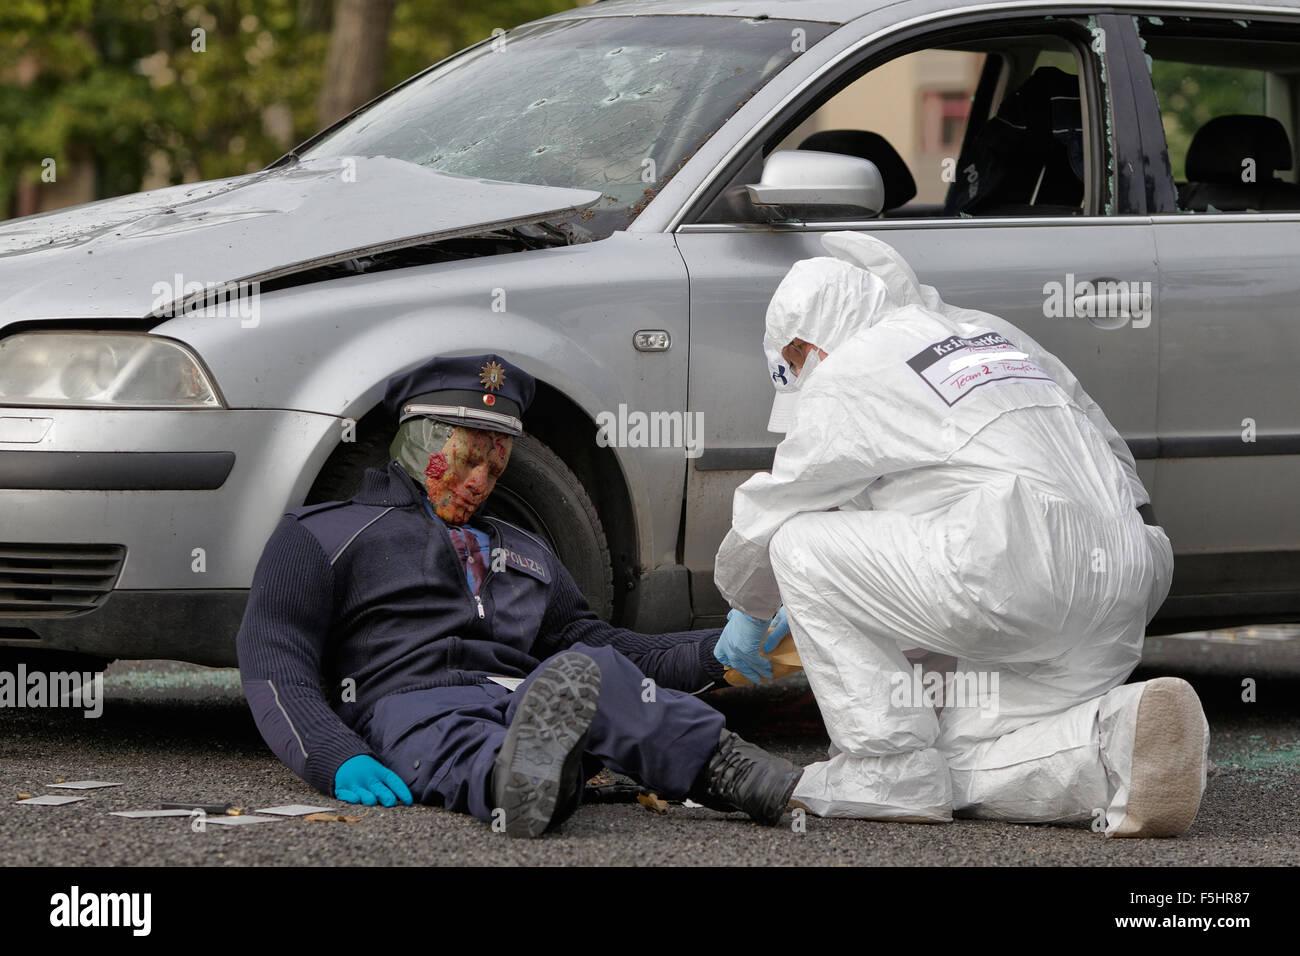 Design Attack Berlin berlin germany polizeiuebung terrorist attack stock photo